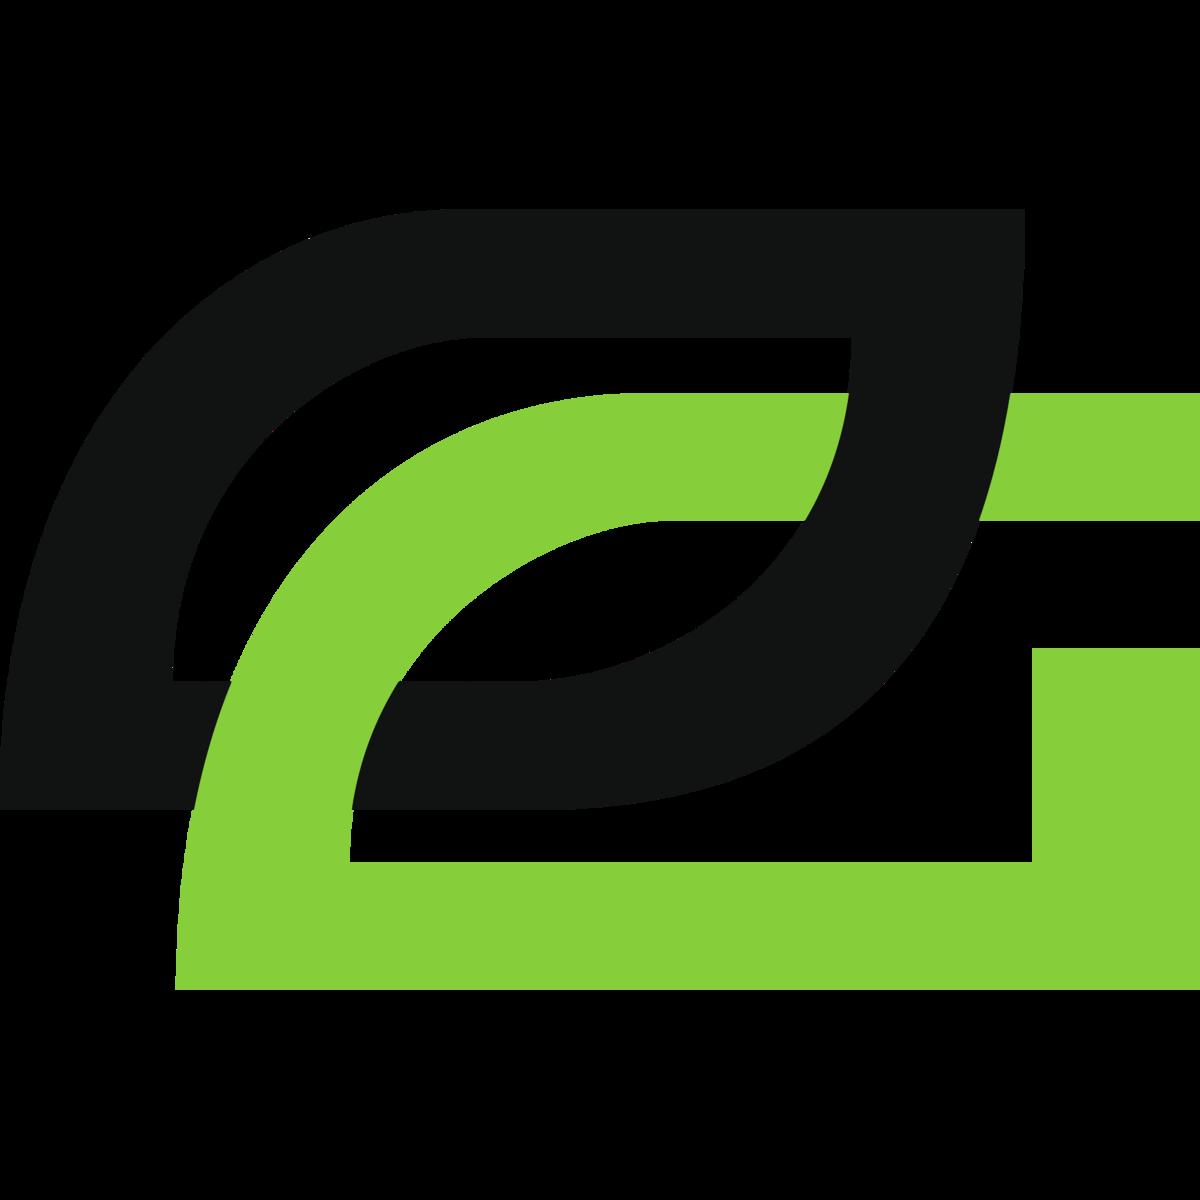 OpTic Gaming - Leaguepedia   League of Legends Esports Wiki